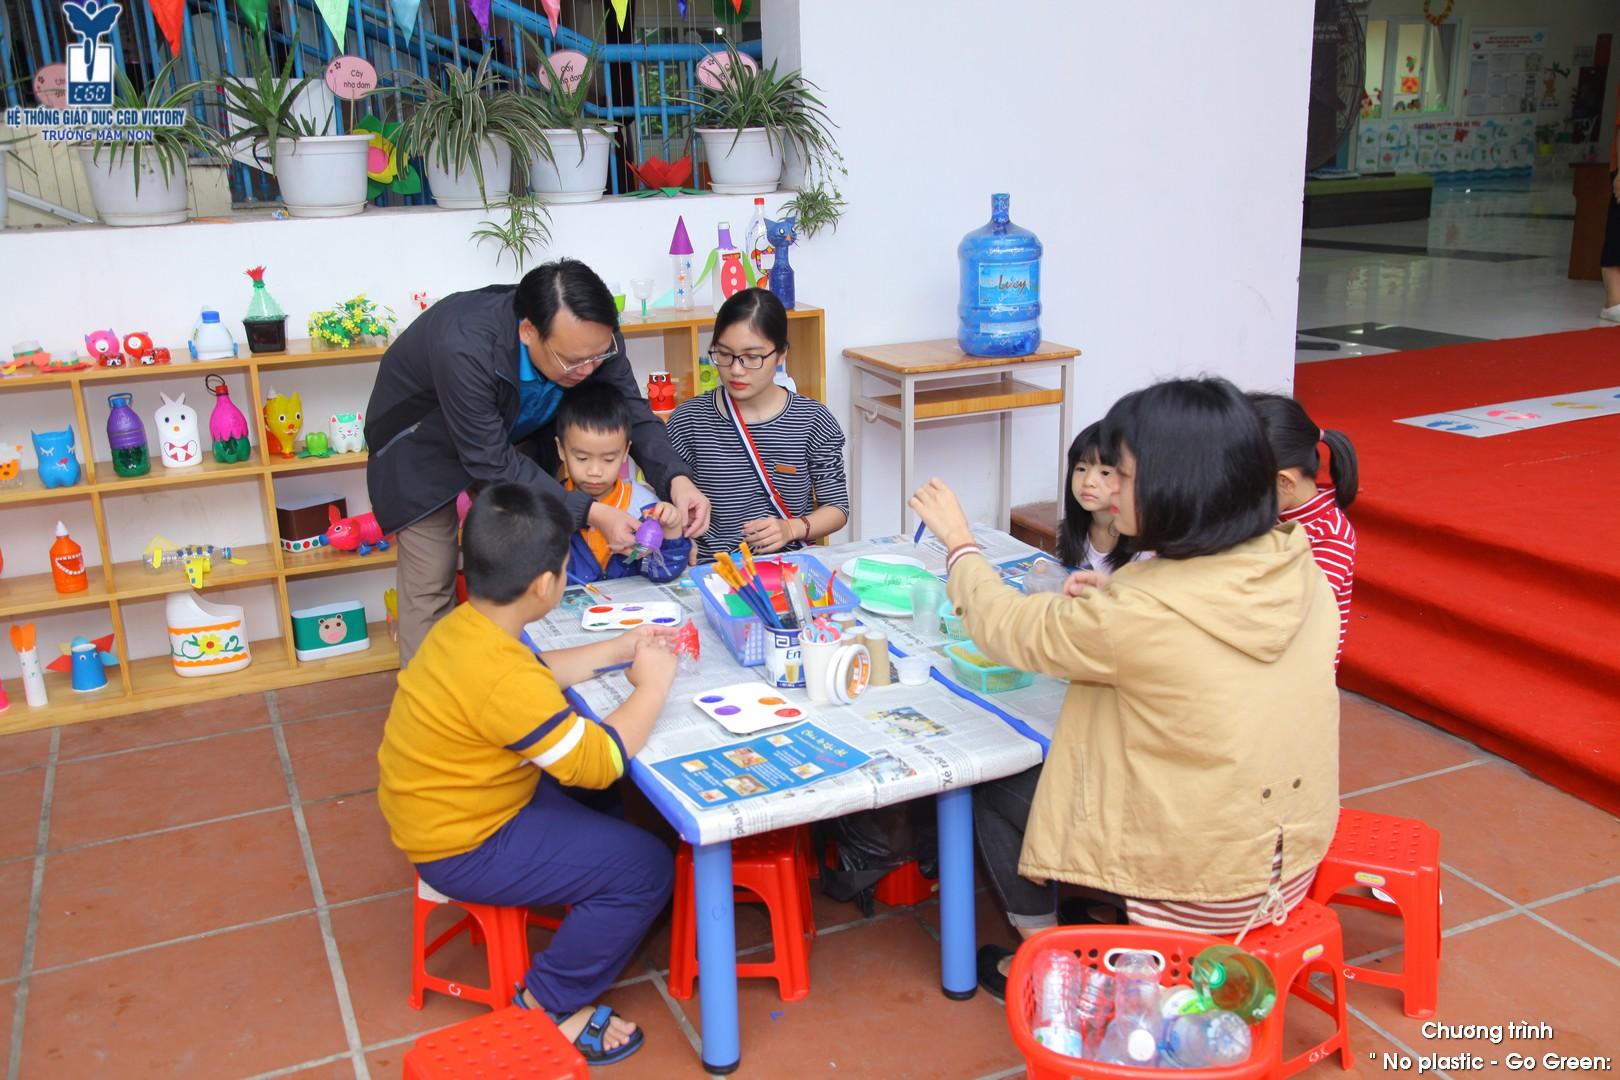 Những đồ chơi từ nhựa được học sinh của CGD Victory tái chế lại thành những món đồ chơi xinh xắn